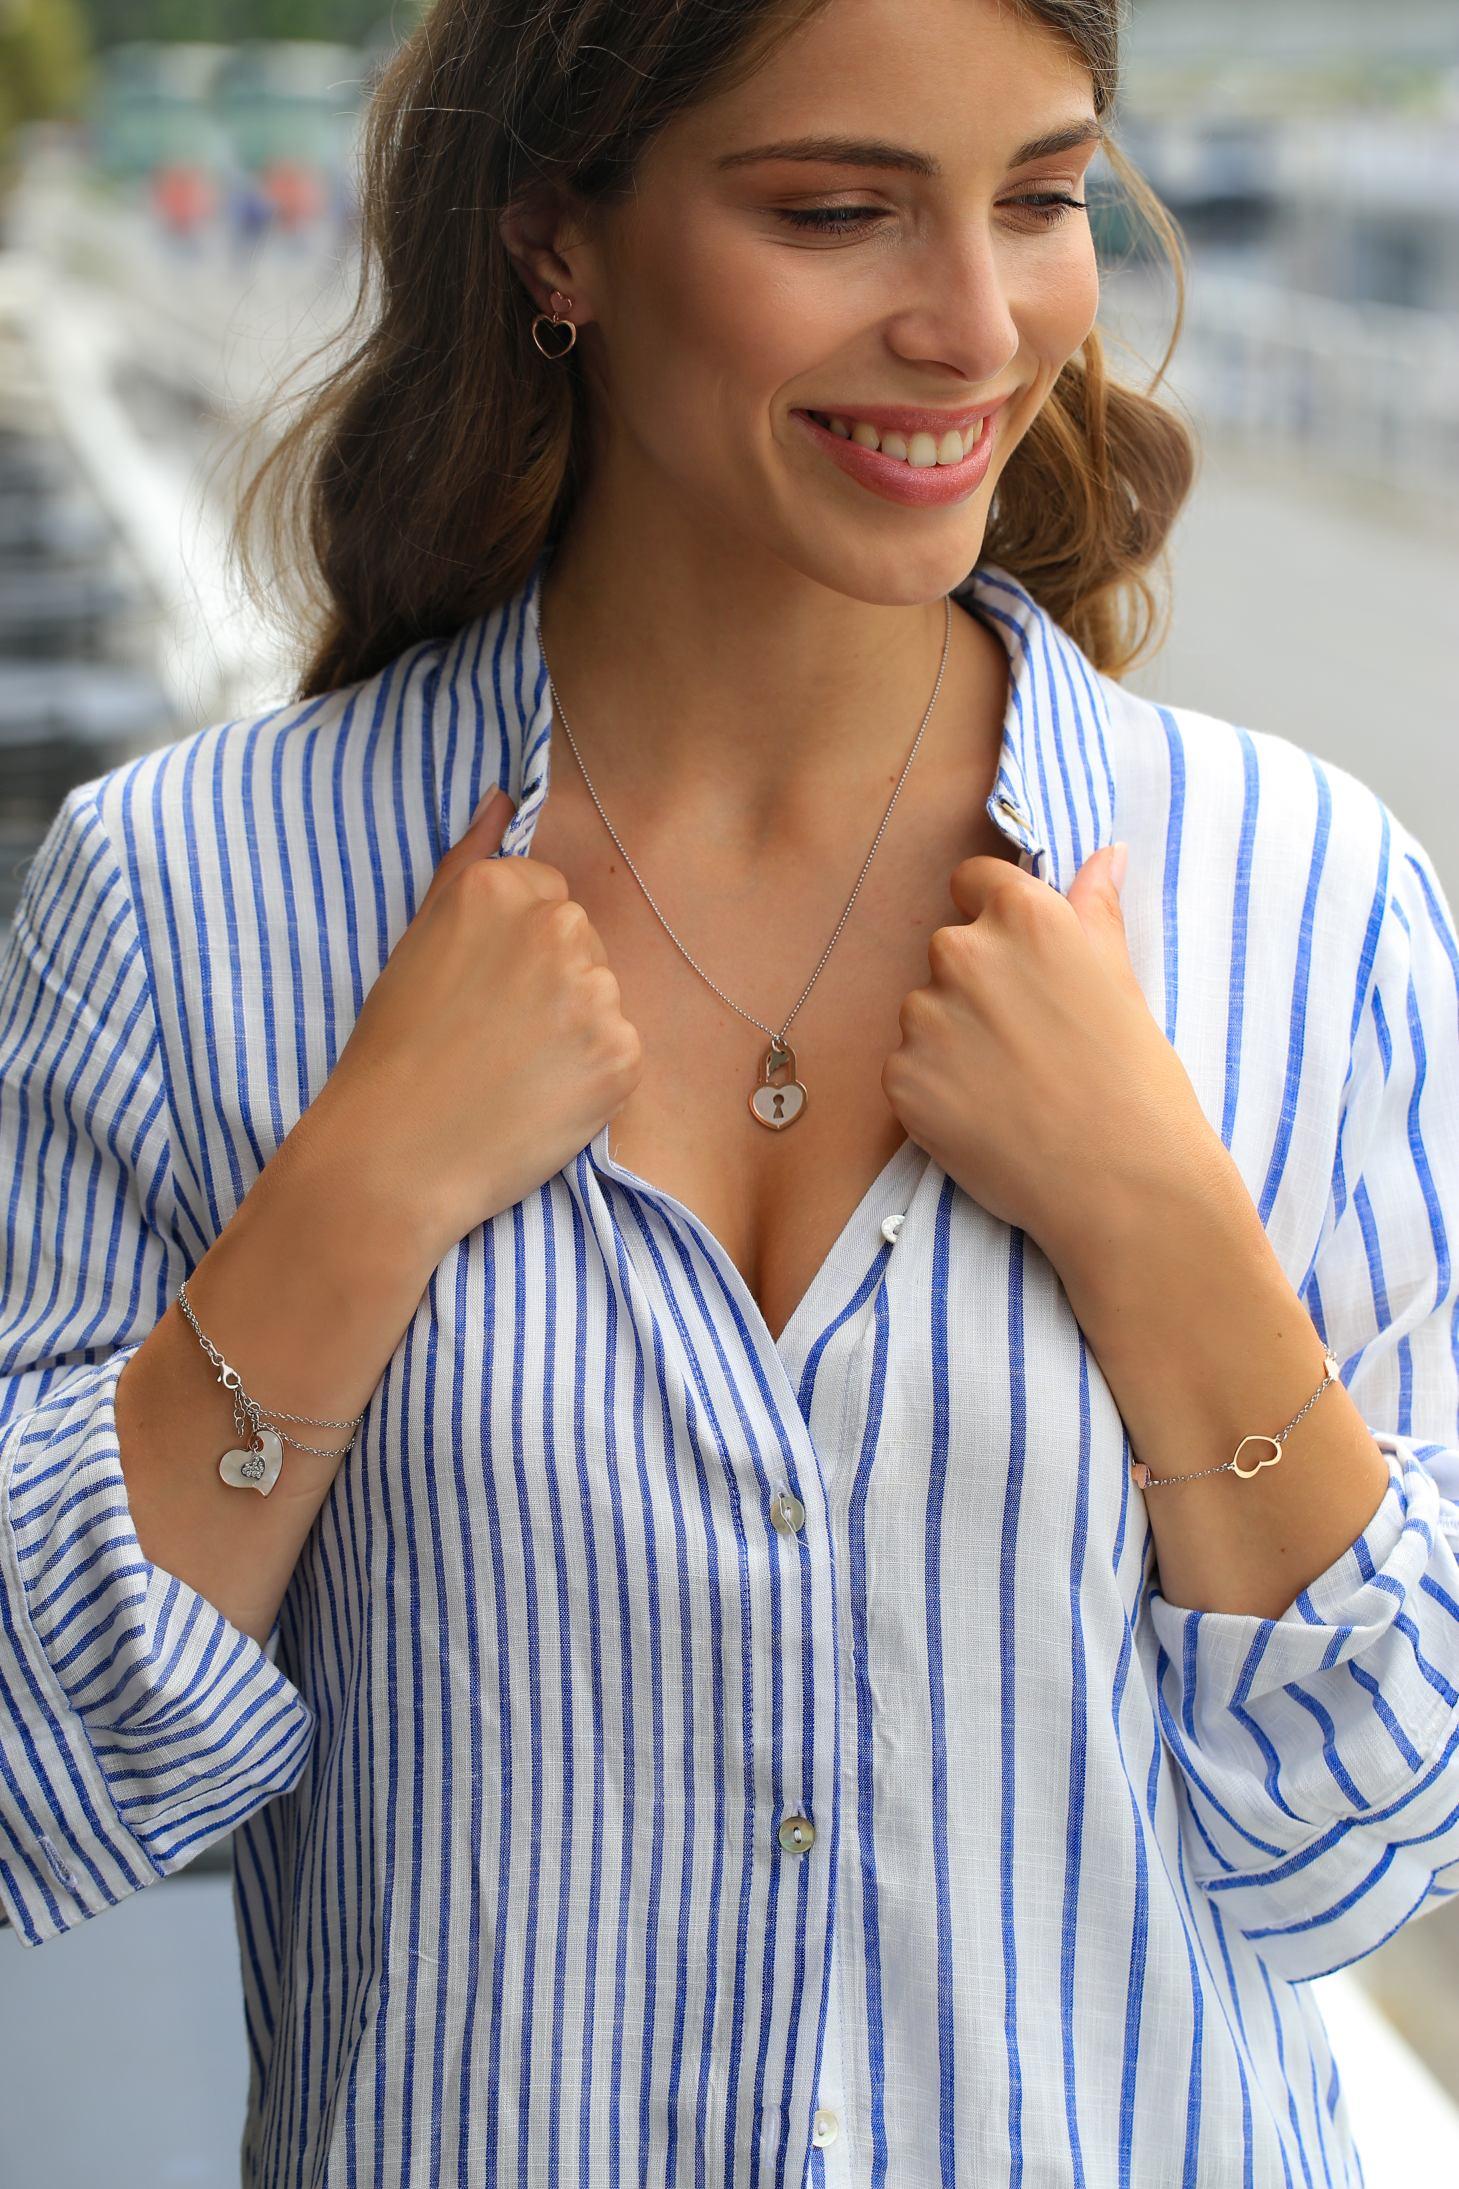 Srebrna ogrlica 600kn, s popustom 300kn, narukvica s privjeskom 490kn, s popustom 245kn, Argentum